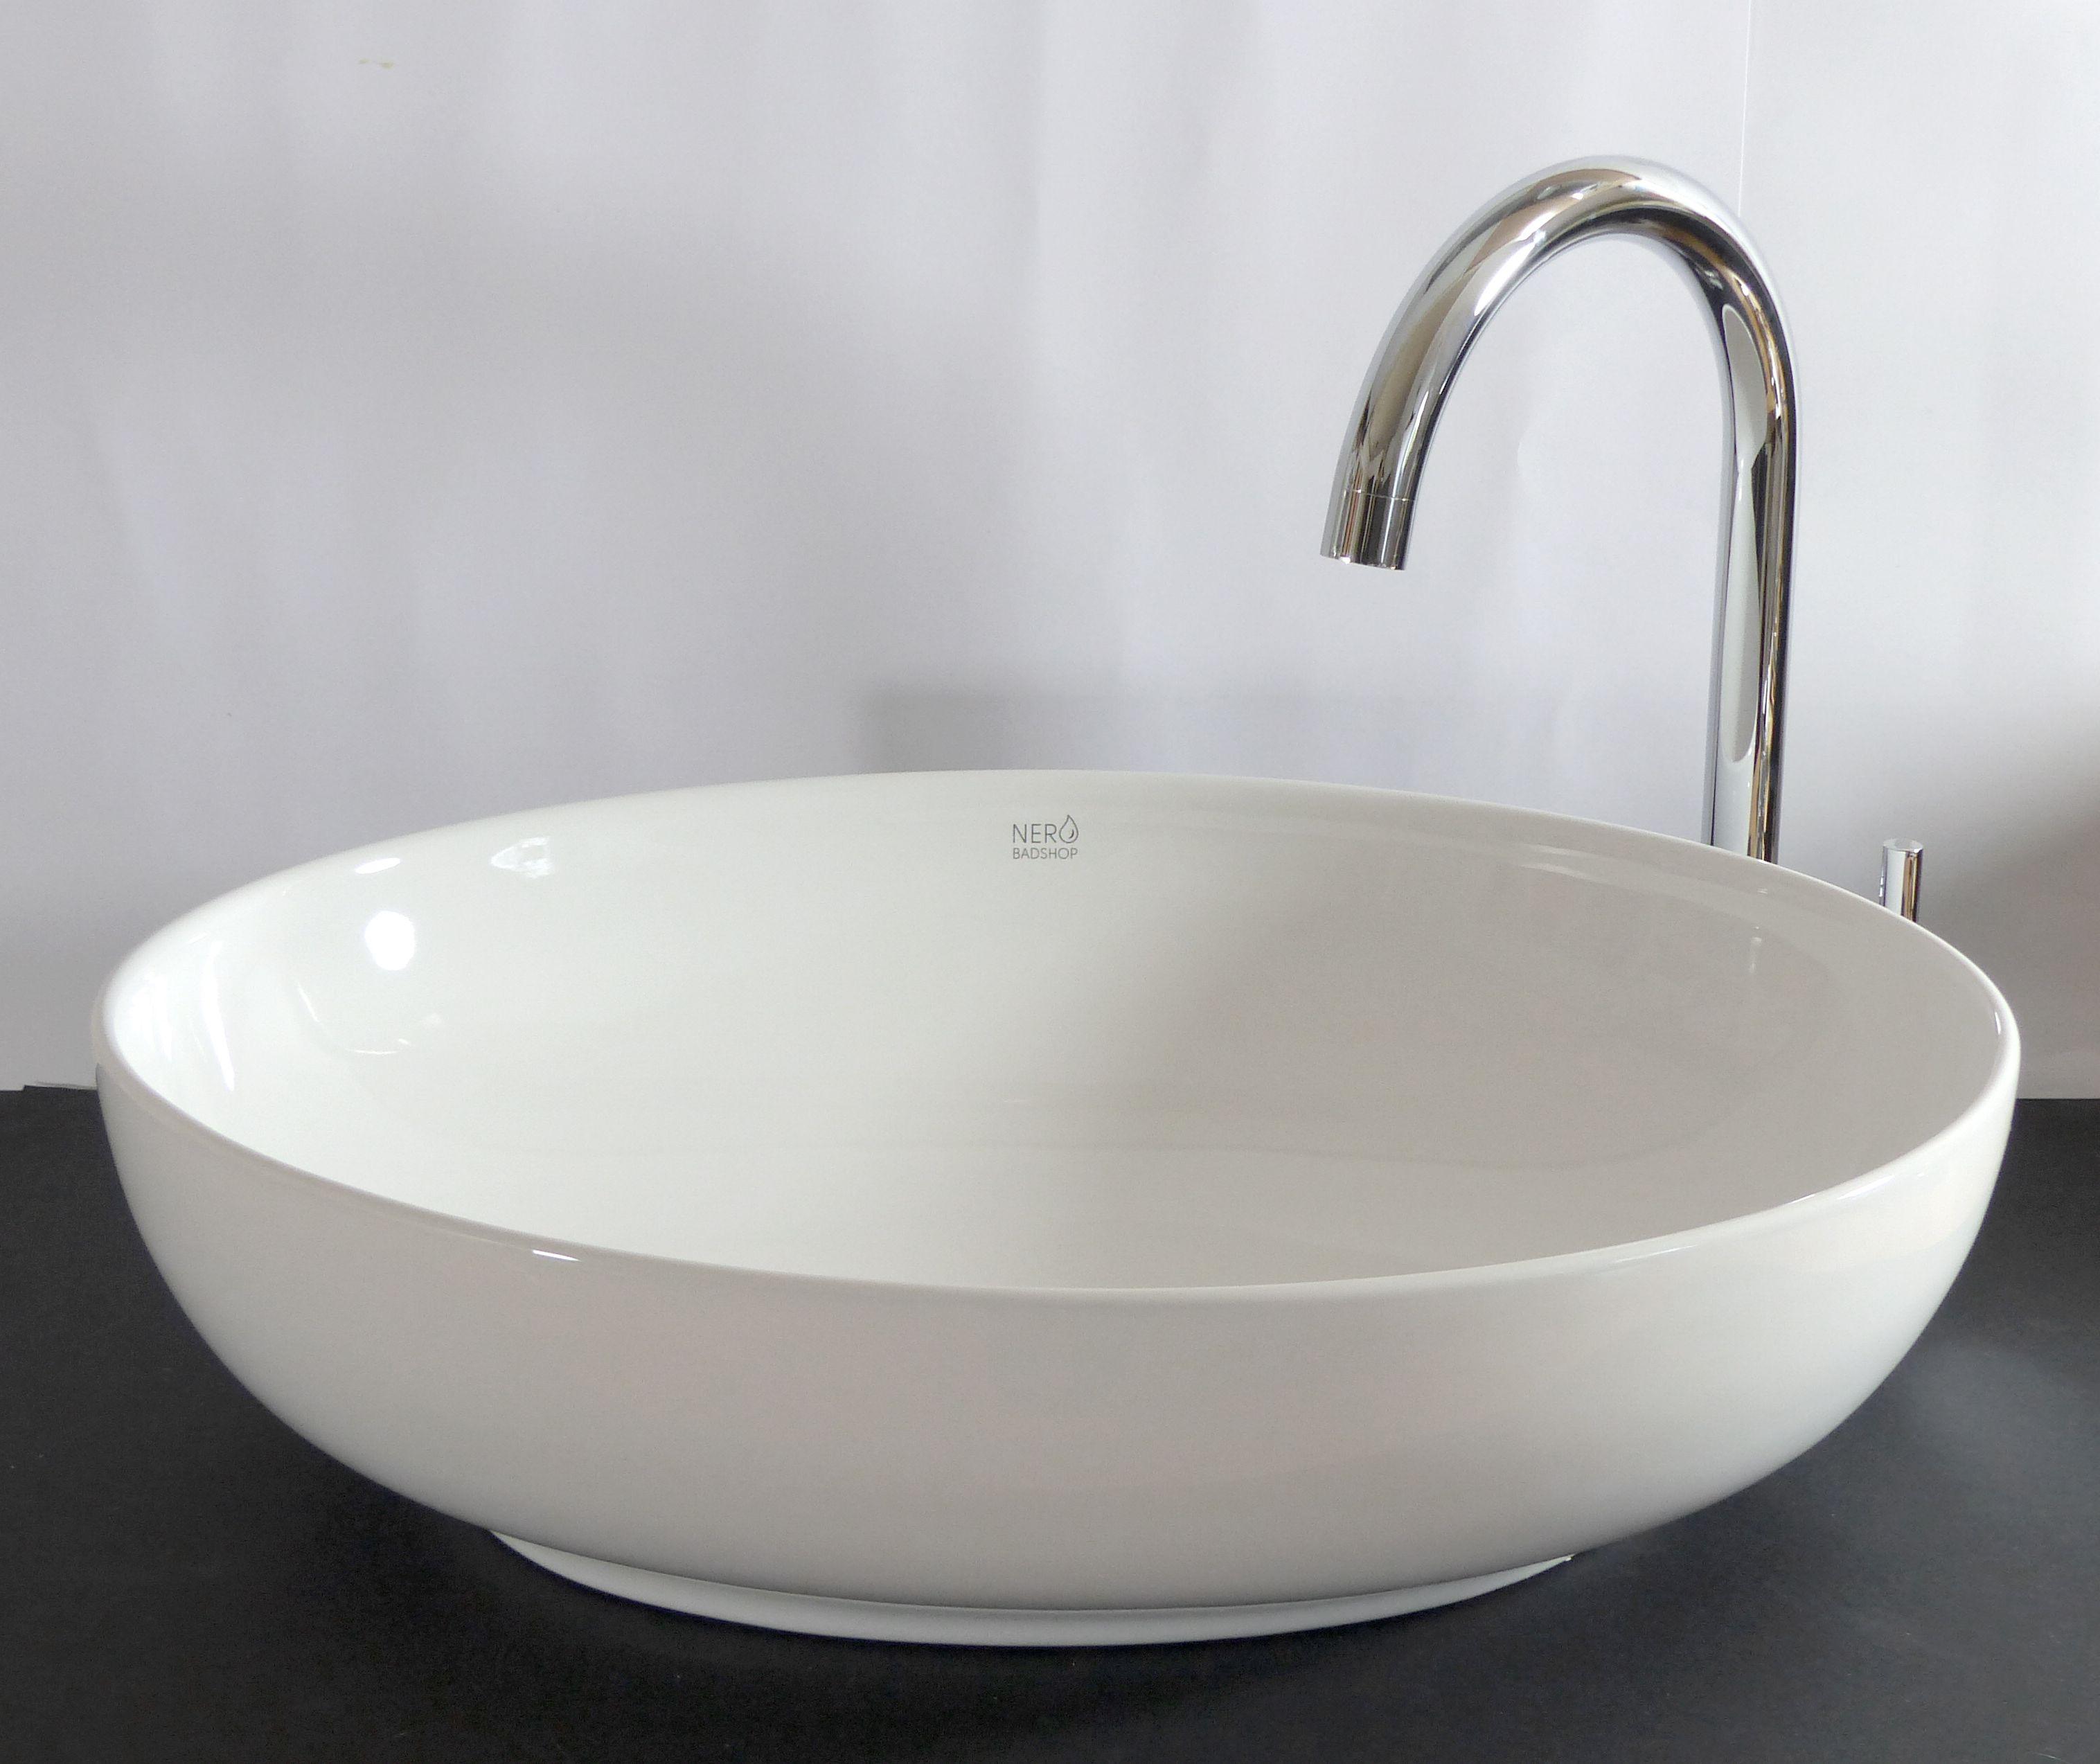 nero badshop keramik aufsatz waschbecken oval online. Black Bedroom Furniture Sets. Home Design Ideas